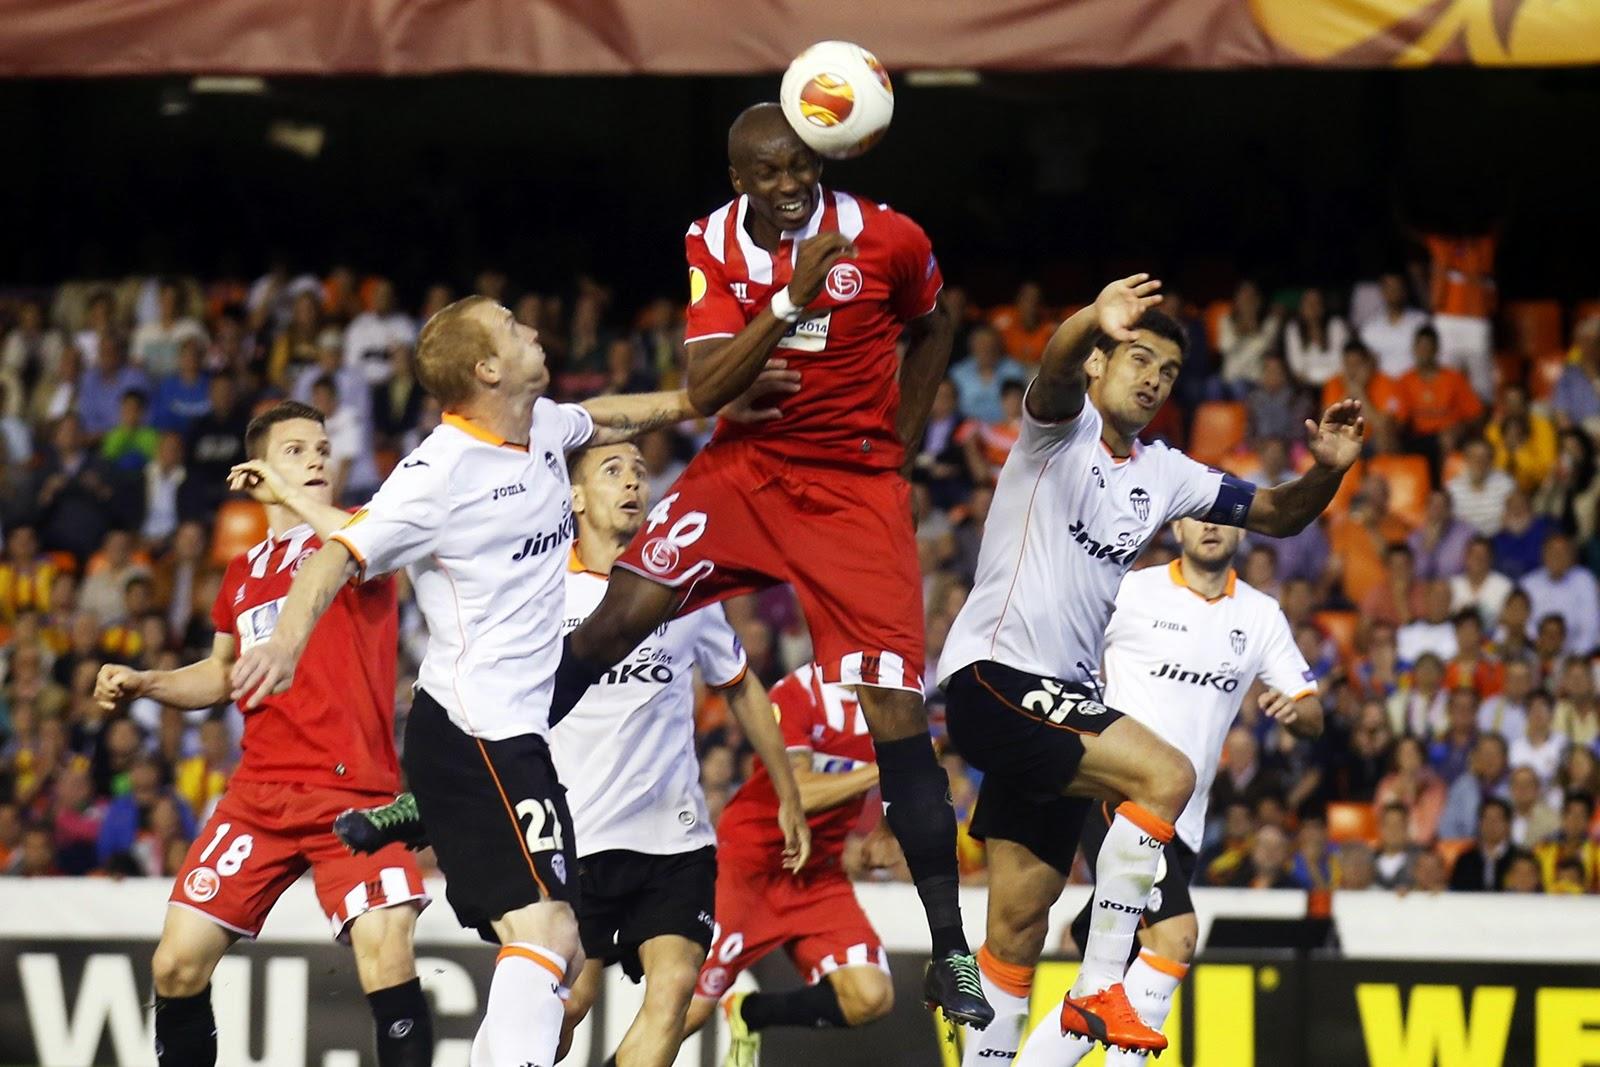 Cabezazo de M'Bia en el descuento frente al Valencia que supuso el gol que clasificó al Sevilla FC para la final de Turín